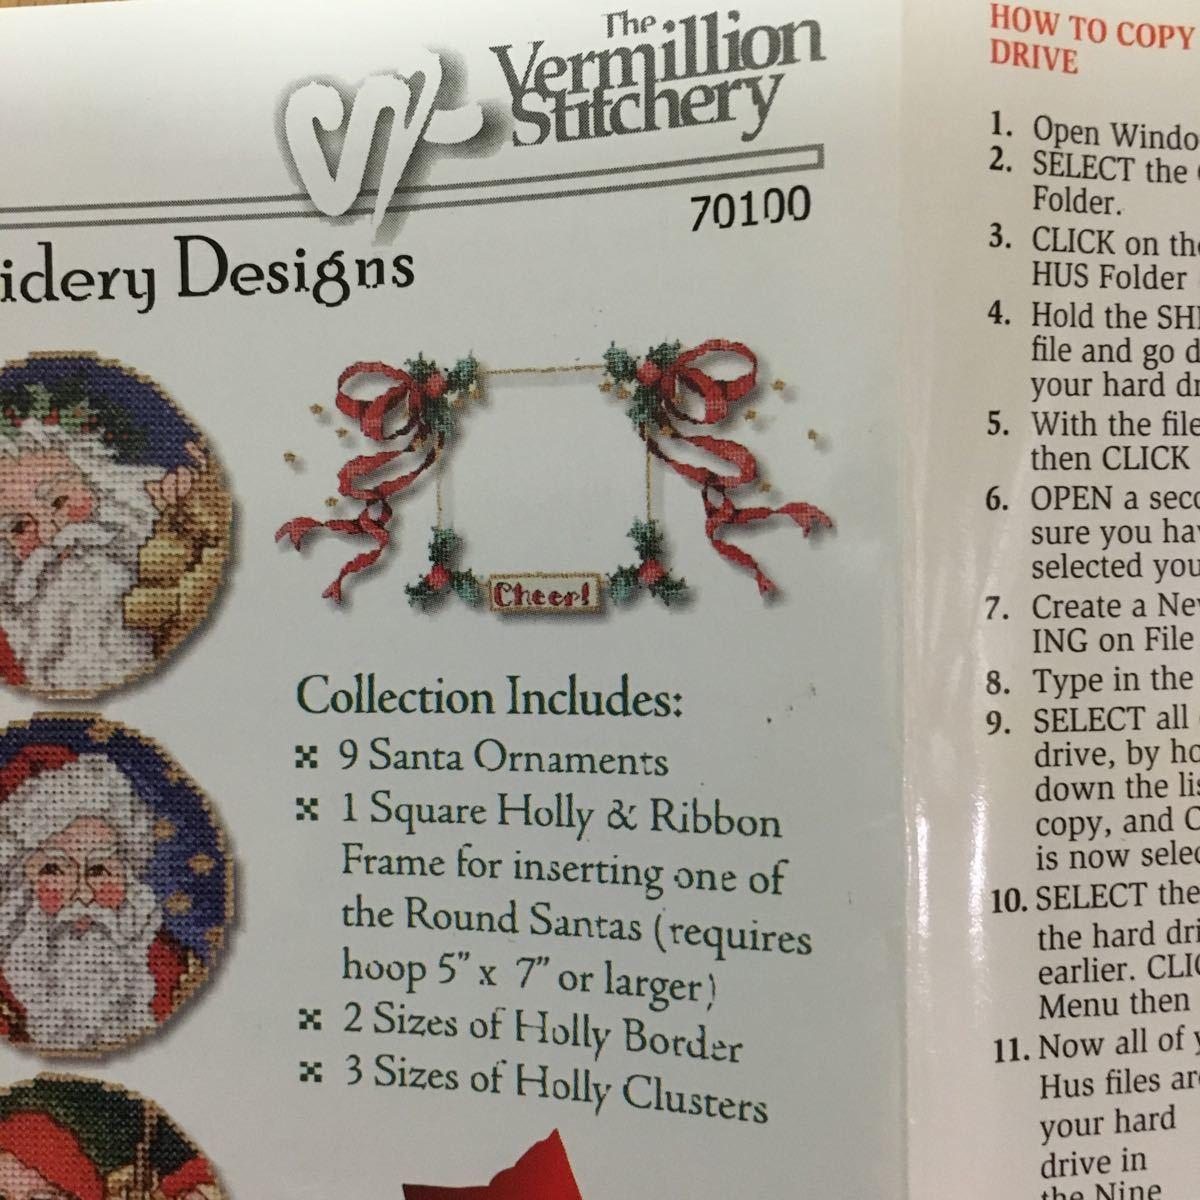 CD-ROM 刺繍データ Nine Santa 九人のサンタ模様クロスステッチ刺繍模様のデータ(刺しゅうカード、刺繍カードではありません)_画像4